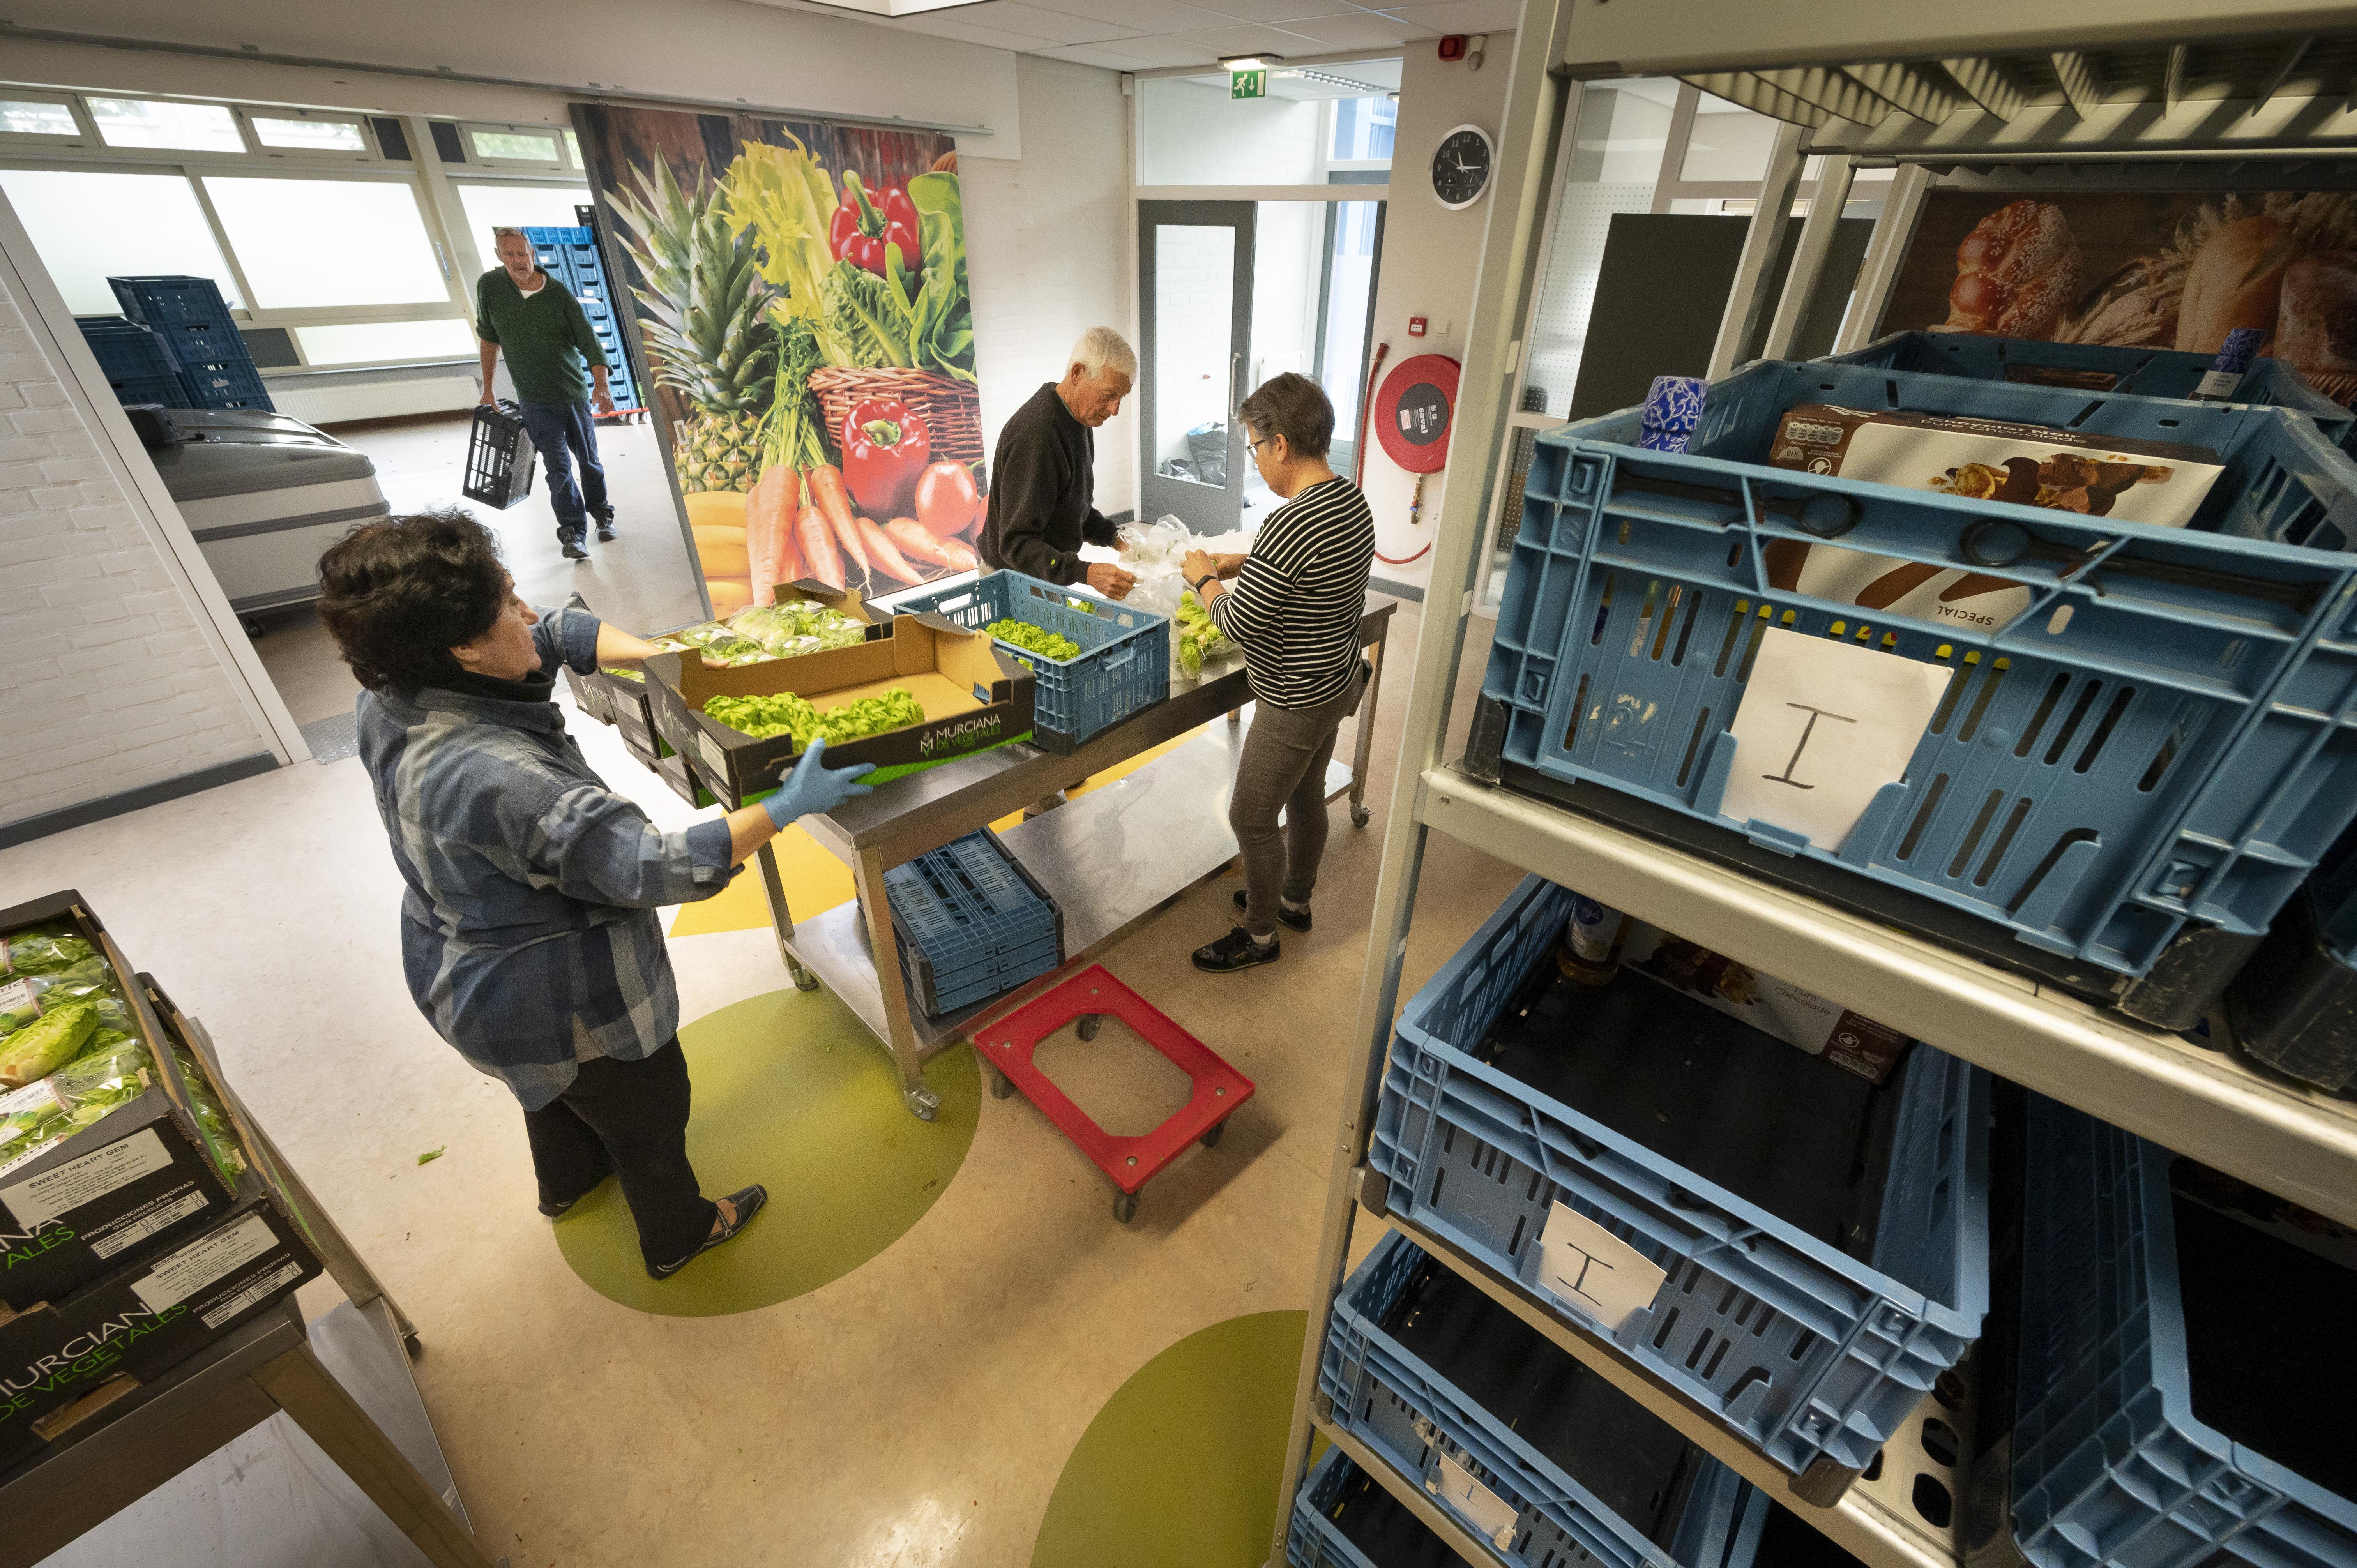 Digitaal verkiezingspleidooi voor socialer Katwijk: 'Stop met ambtenaren die tandenborstels tellen, versoepel de voedselbankregels en ga mensen helpen'